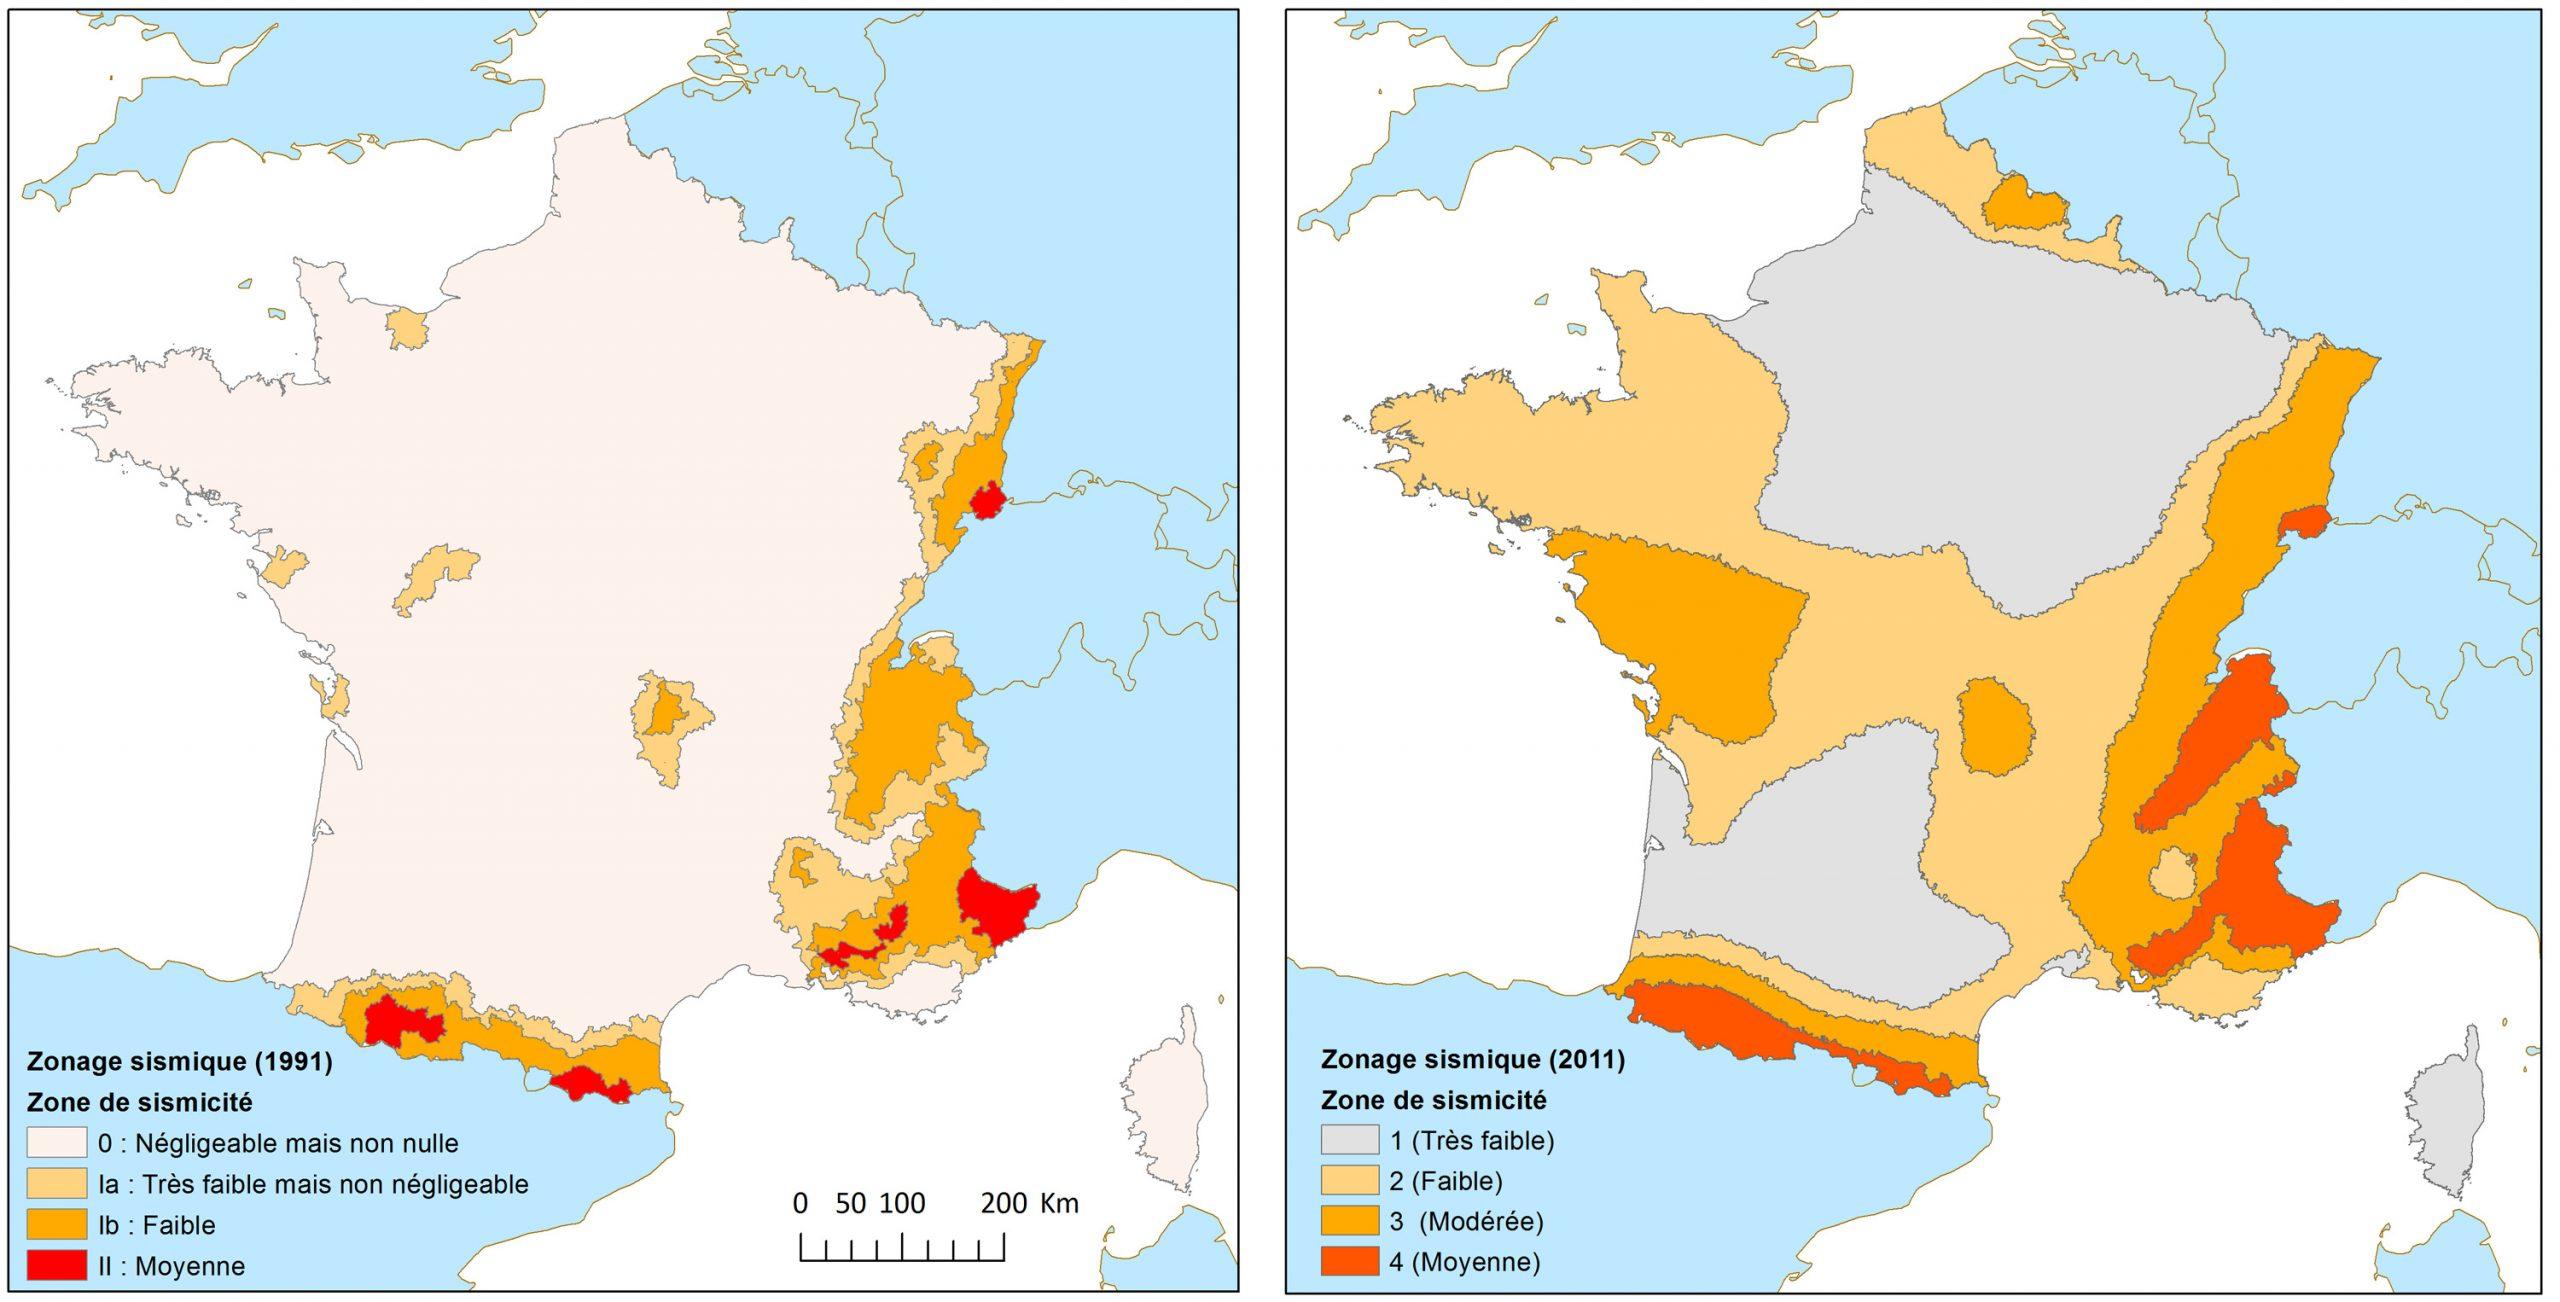 Le Zonage Sismique De La France encequiconcerne Voir La Carte De France